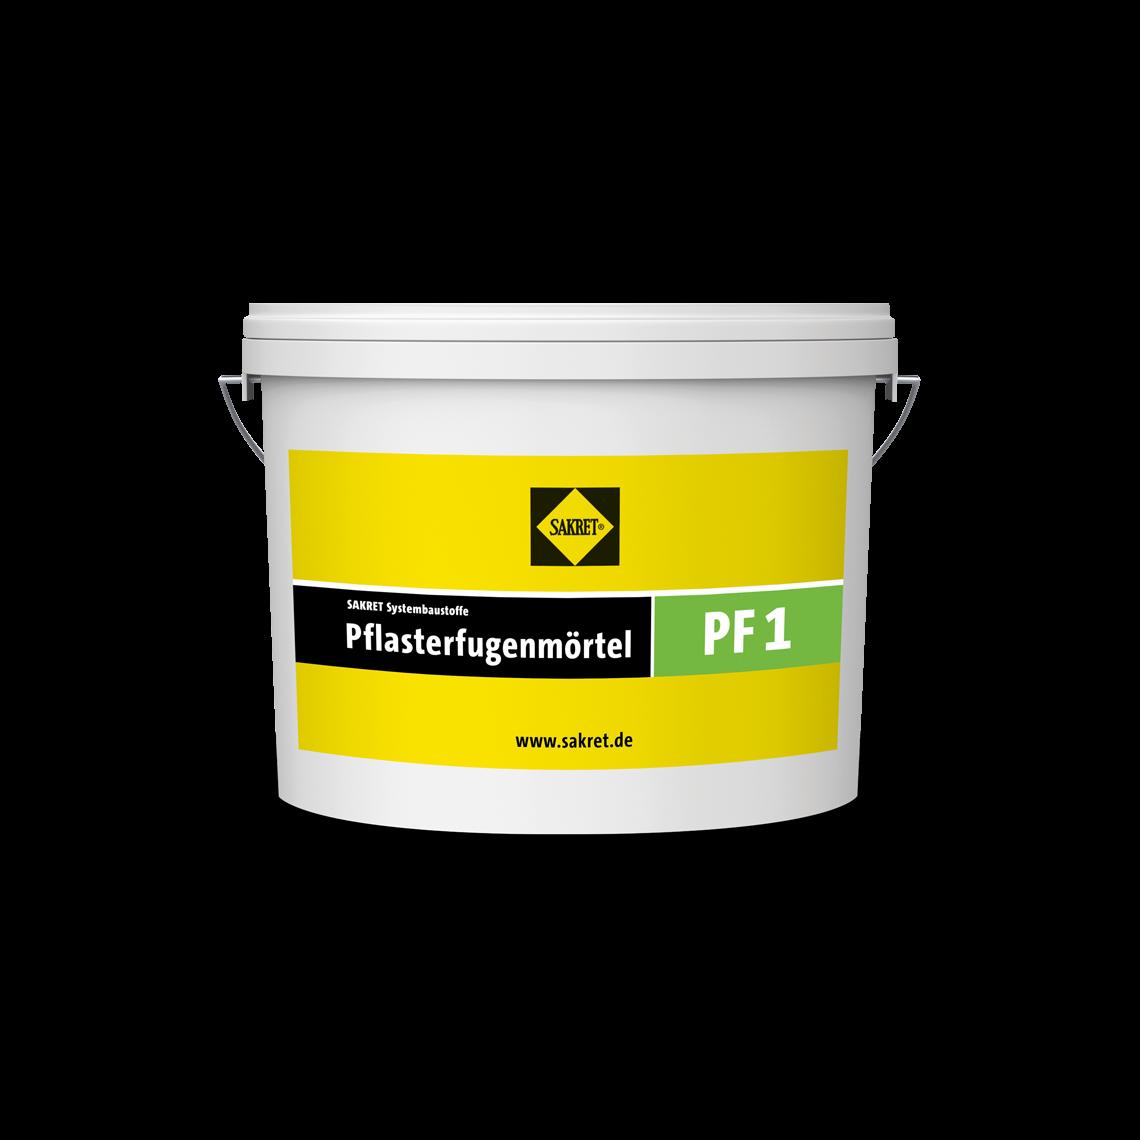 Abbildung SAKRET Pflasterfugenmörtel PF 1